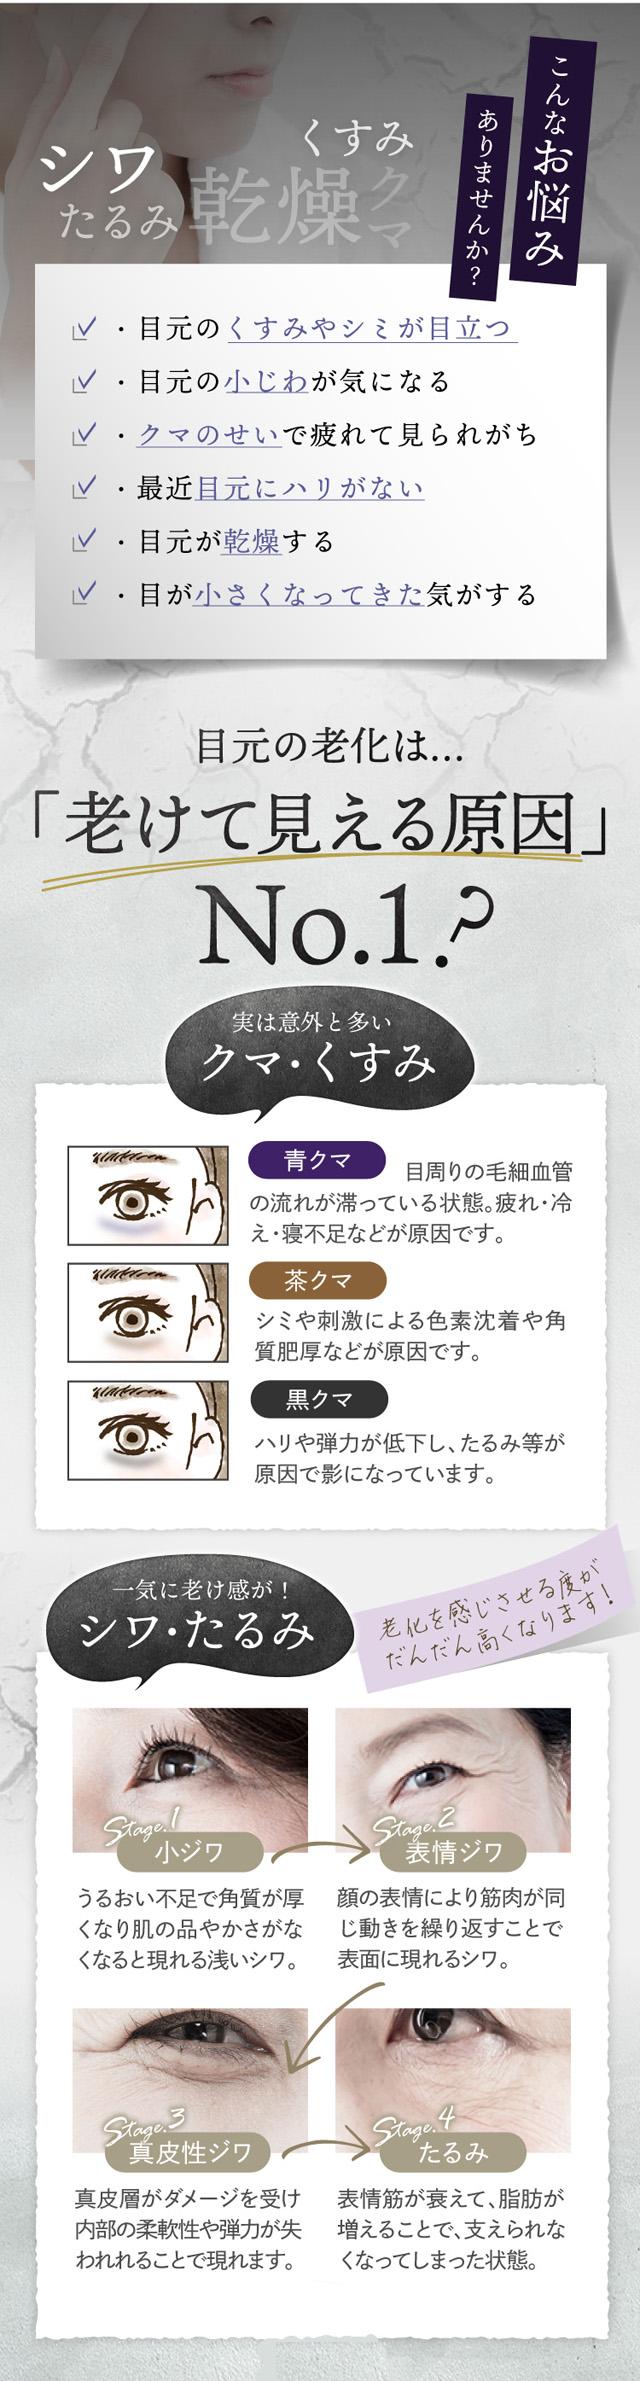 shimaboshi(シマボシ) コレクティブアイセラム,効果なし,評判,口コミ